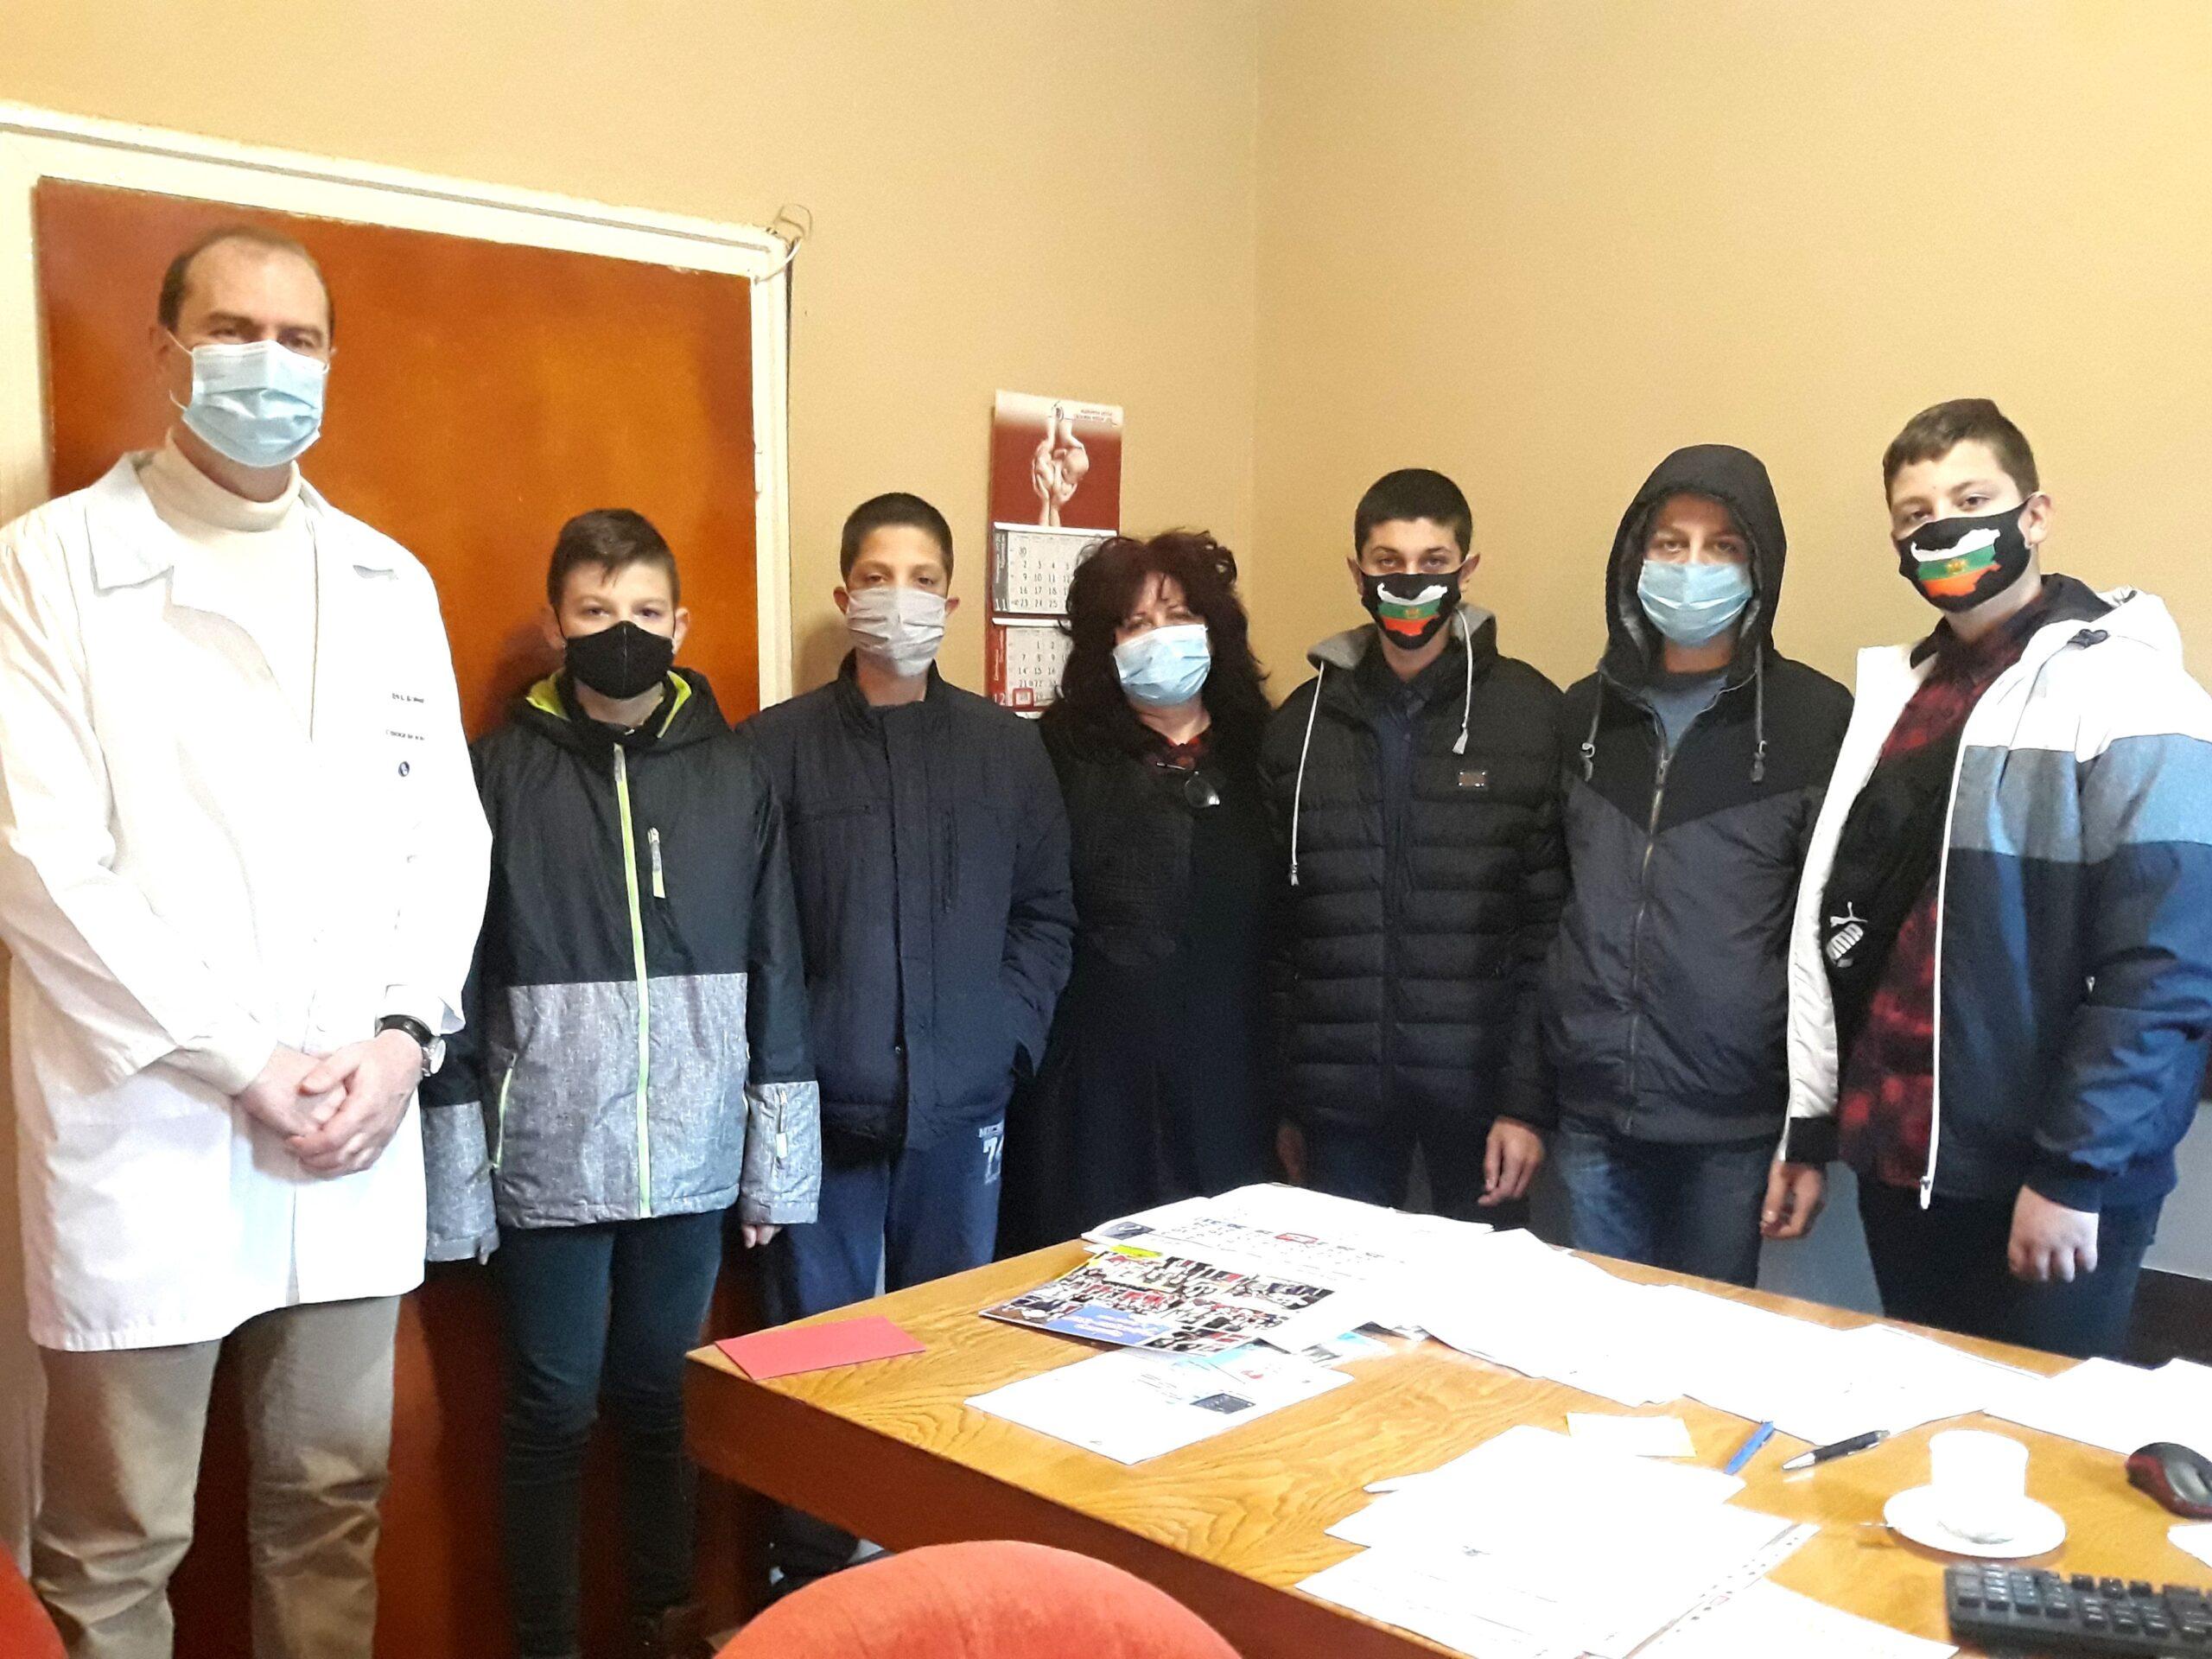 Староселски коледари с дарение за COVID отделението в Тутракан